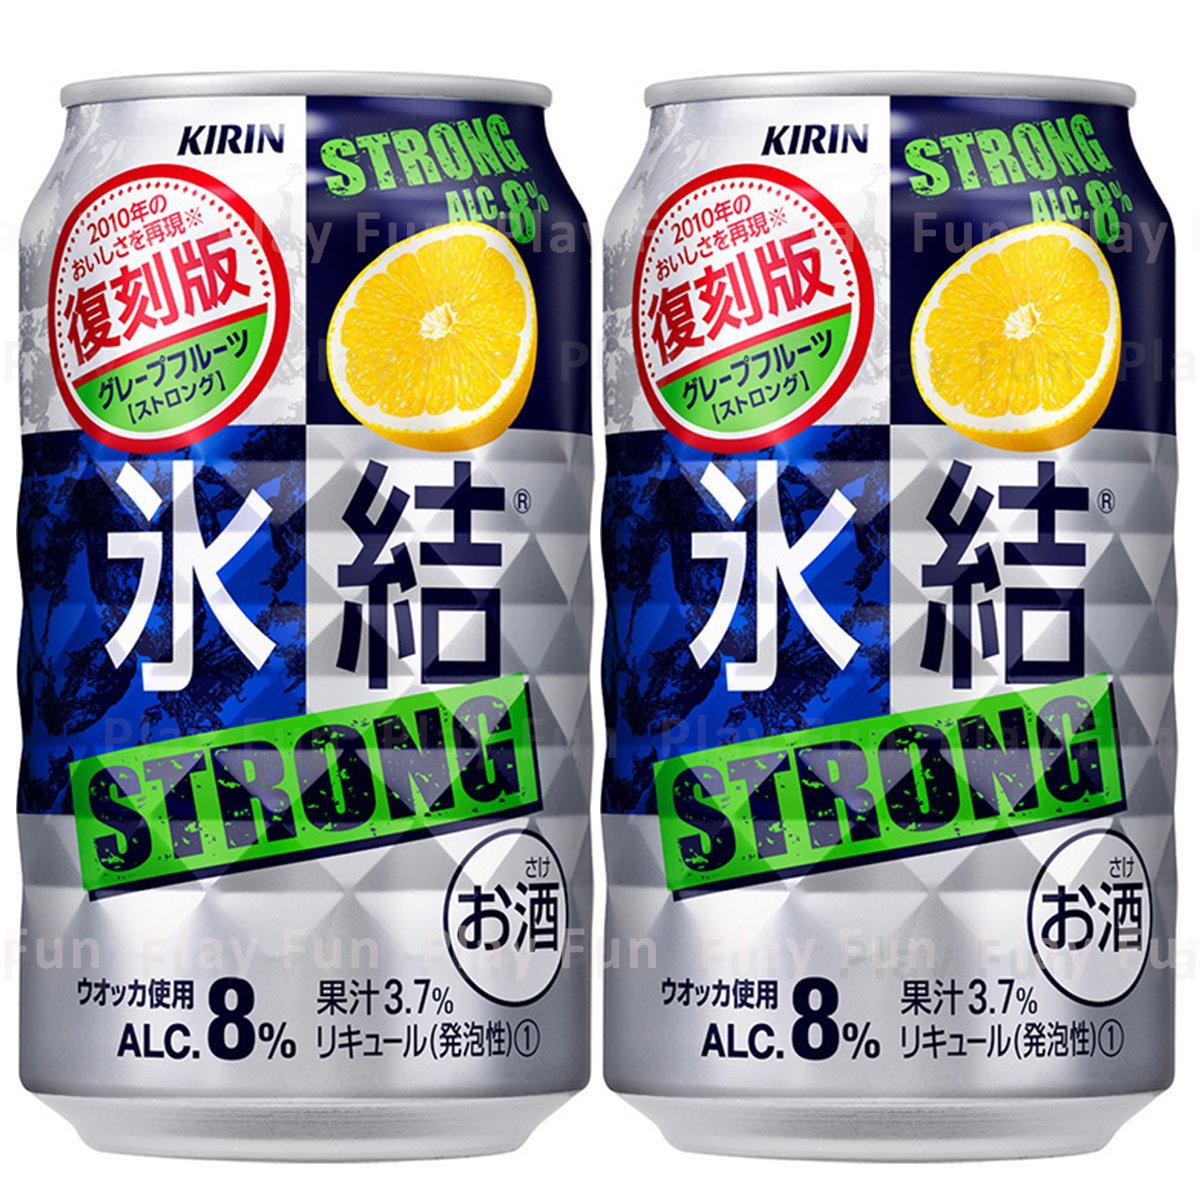 [復刻版] 冰結 Strong 檸檬味果汁酒 ALC.8% 350ml x 2罐  (4901411099798_2)